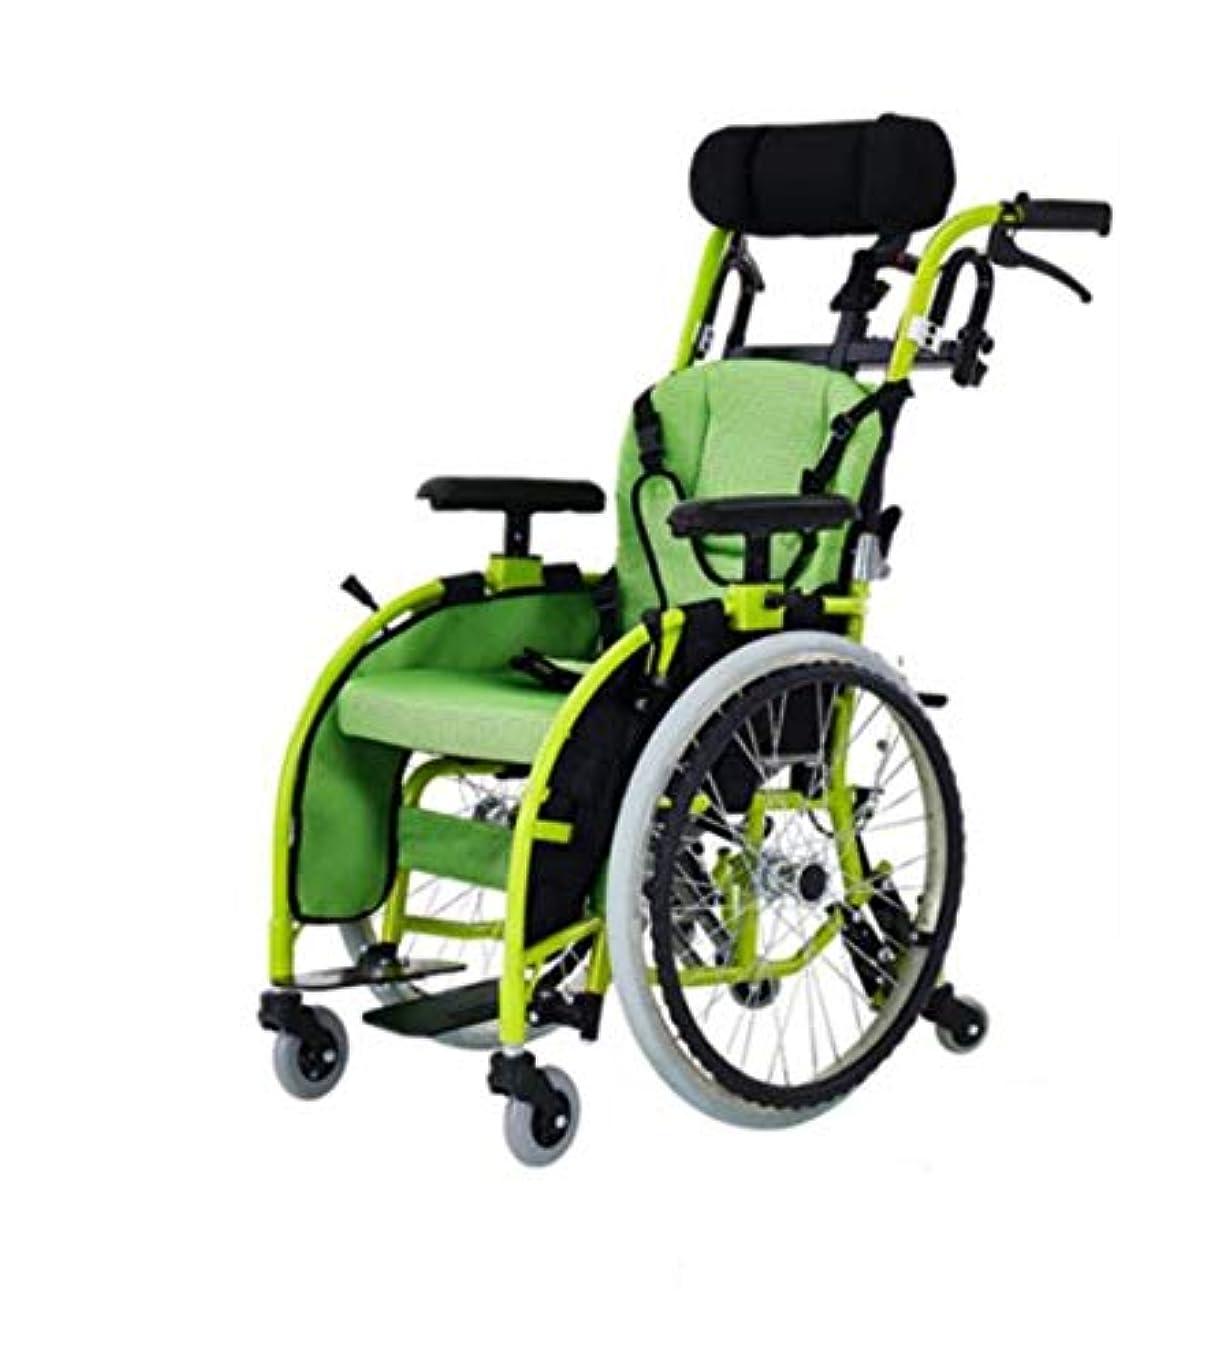 煙突として埋め込む子供用車椅子折りたたみライト小さなポータブルハンディキャップトロリー子供アルミ合金手動車椅子